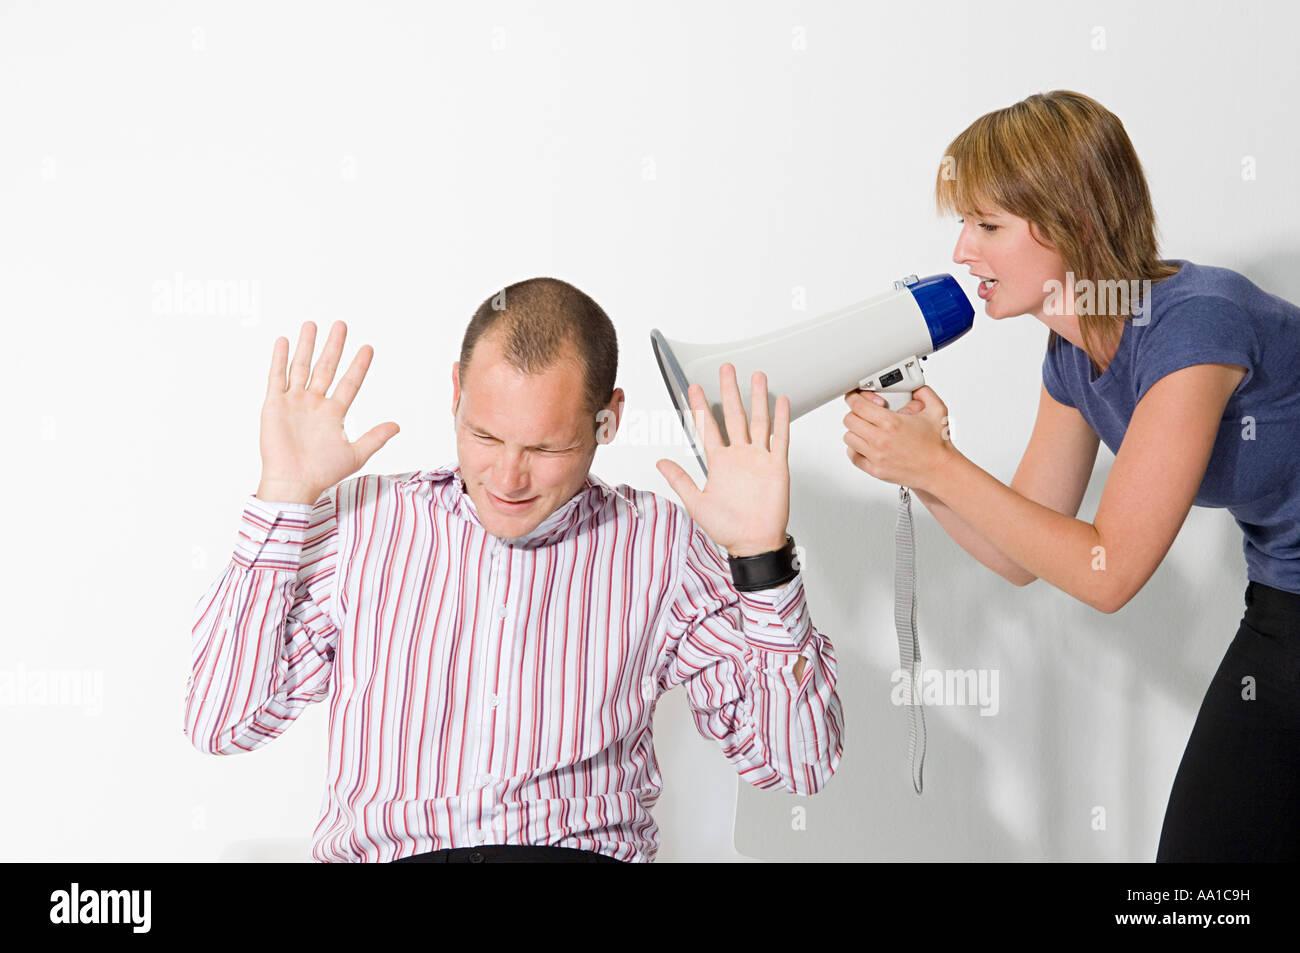 Man shouting at man through loudspeaker - Stock Image